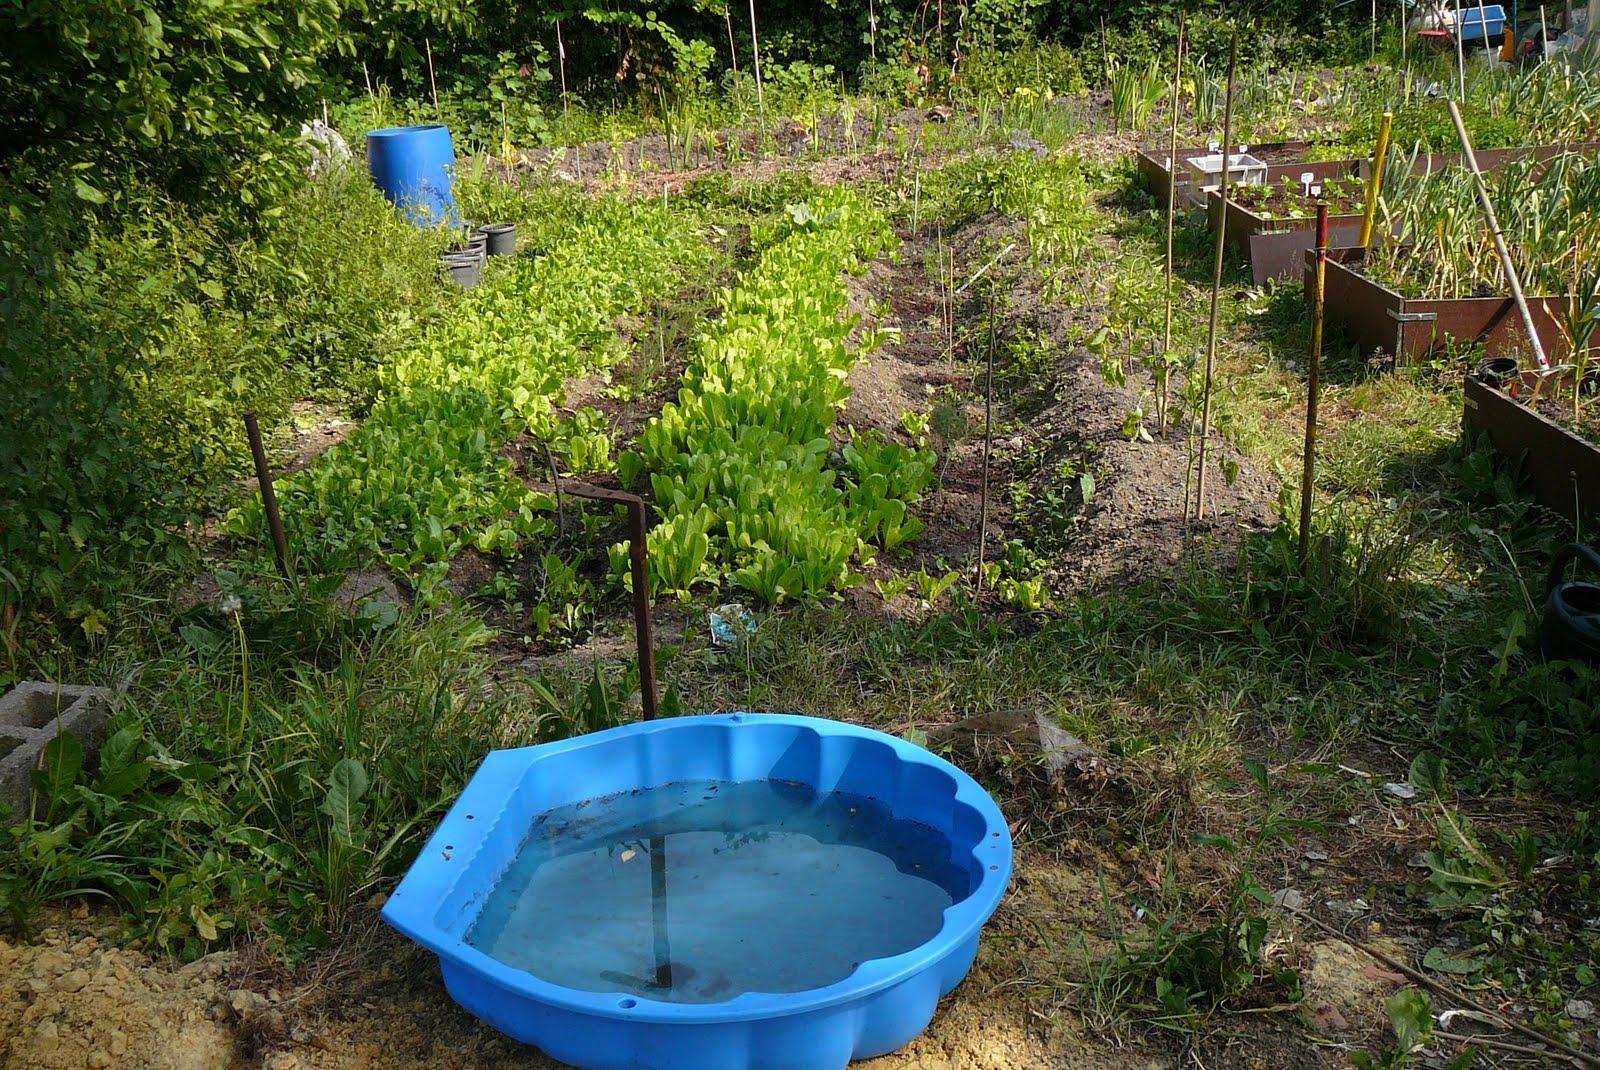 Les jardins du laveu un pas de plus vers la biodiversit for Au jardin de la nymphe bleue